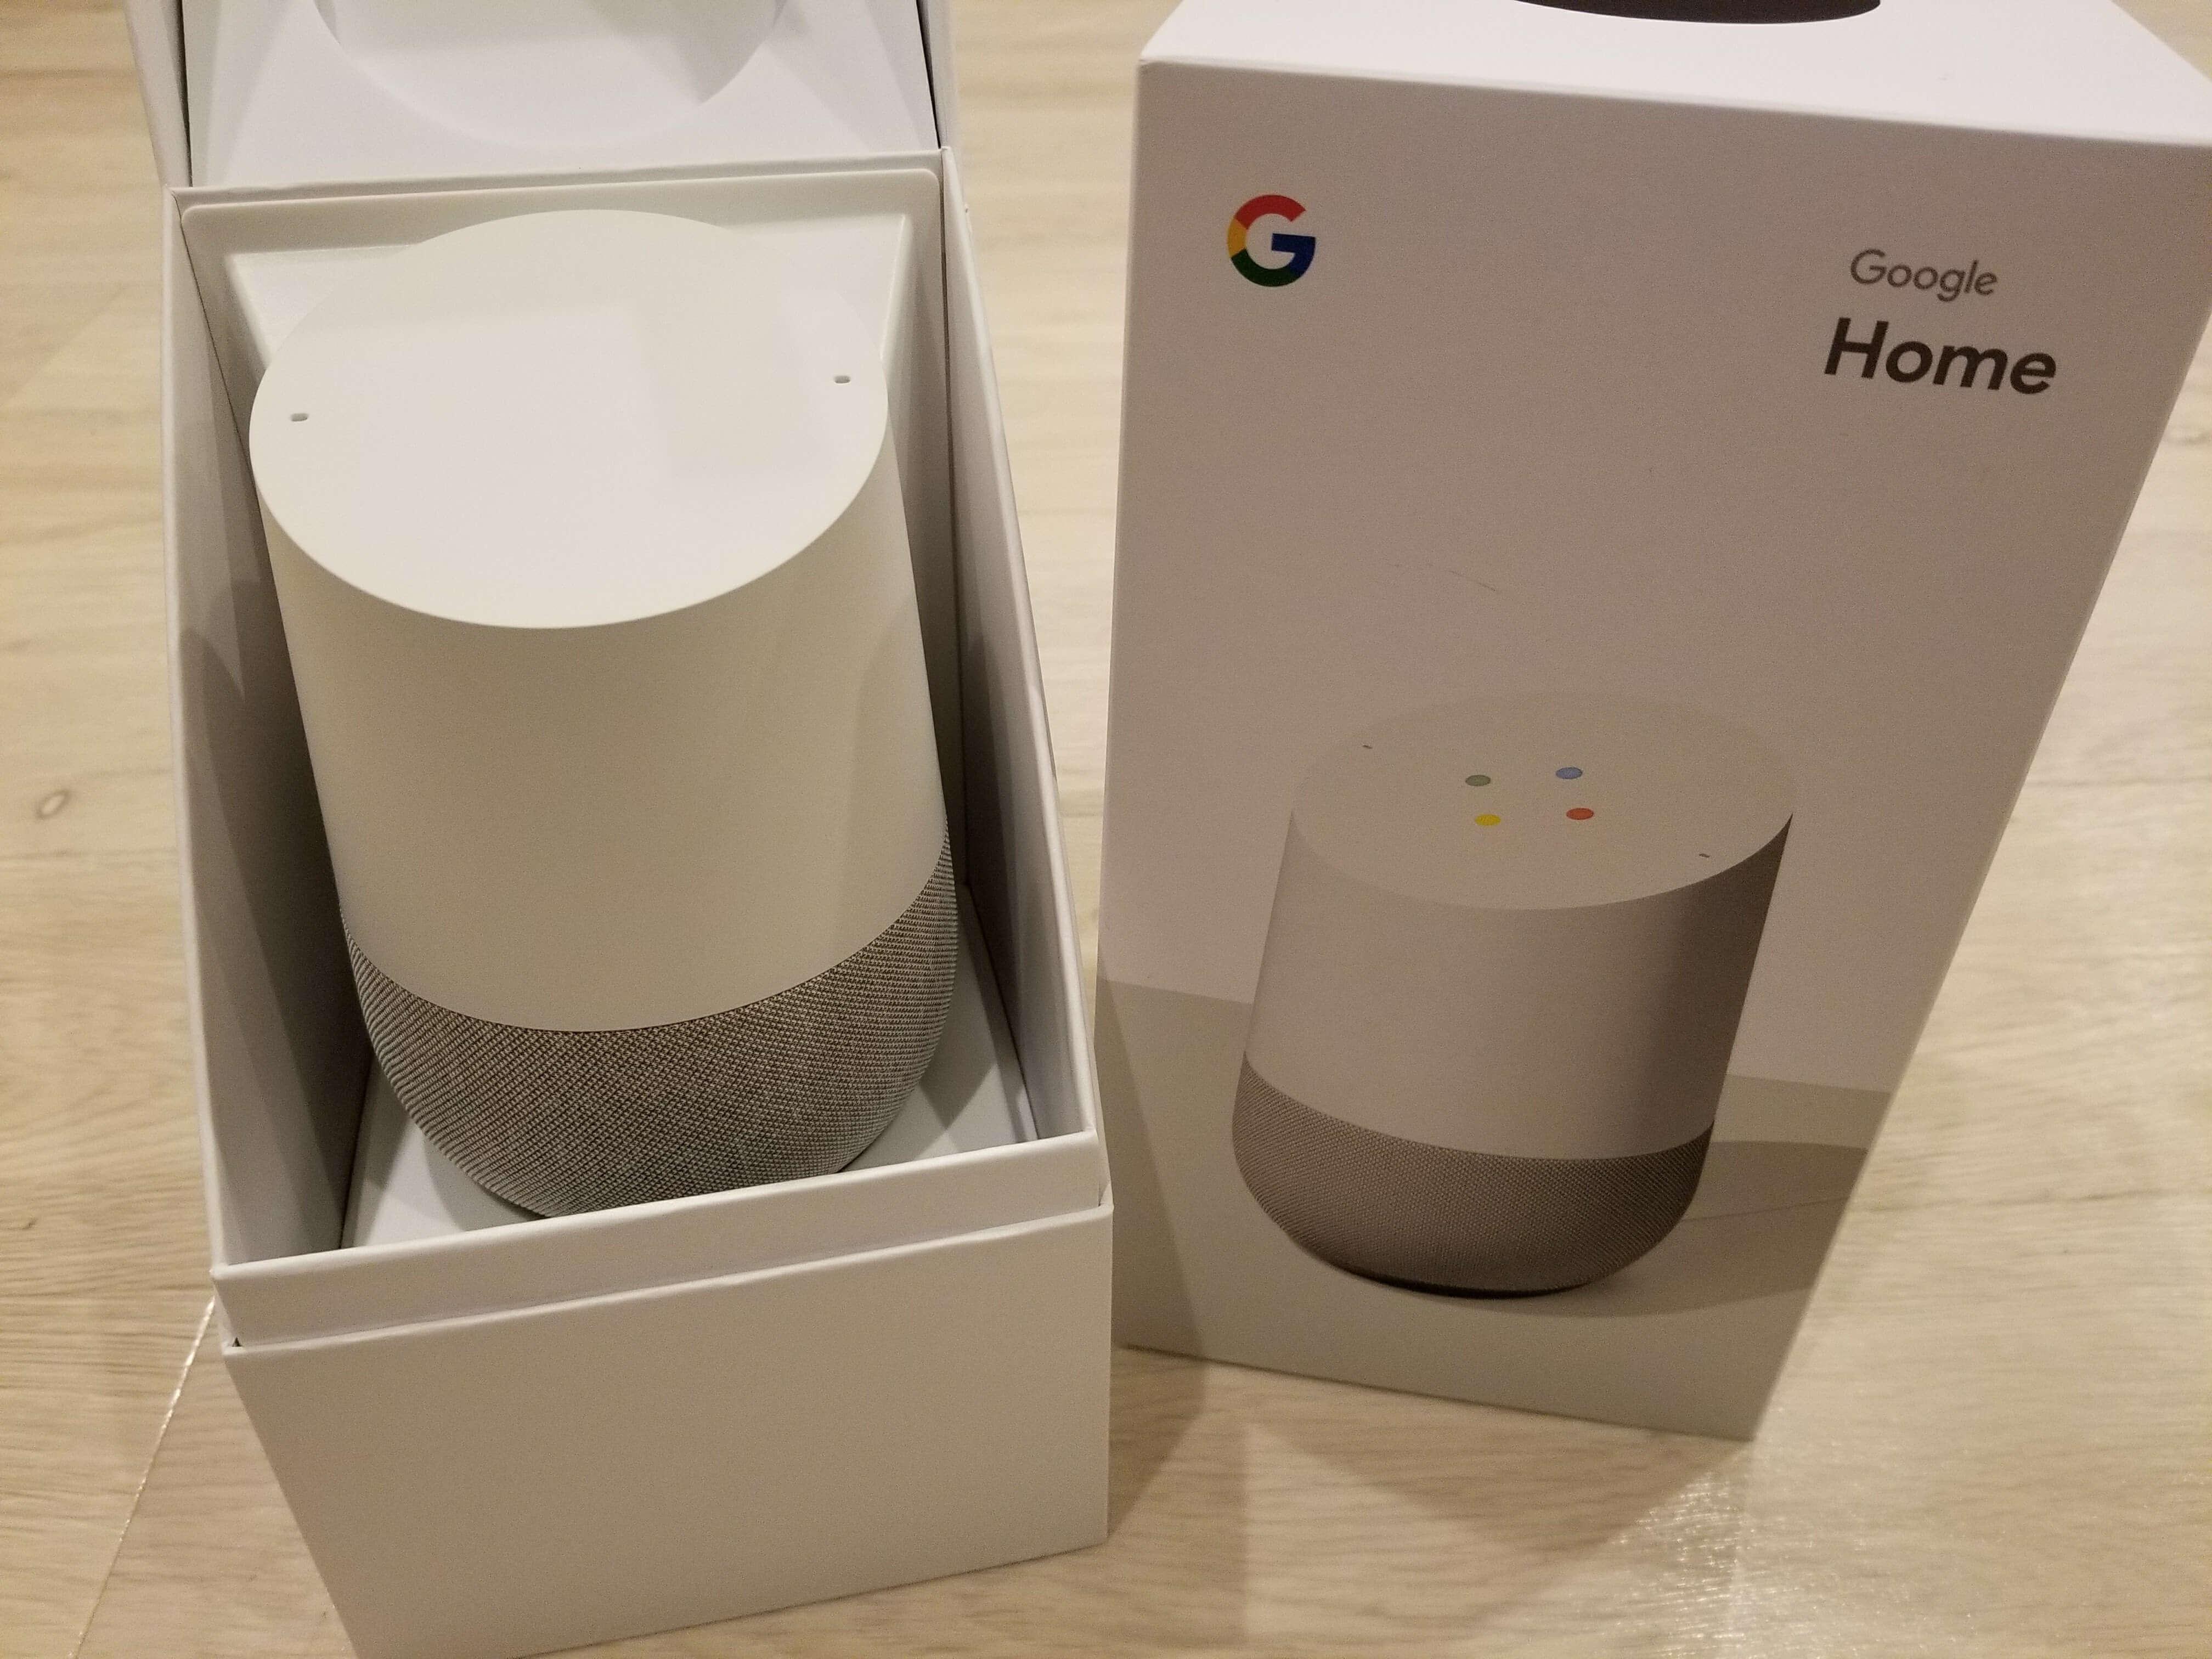 スマートスピーカーがついに日本上陸!「Google Home」を購入してみました